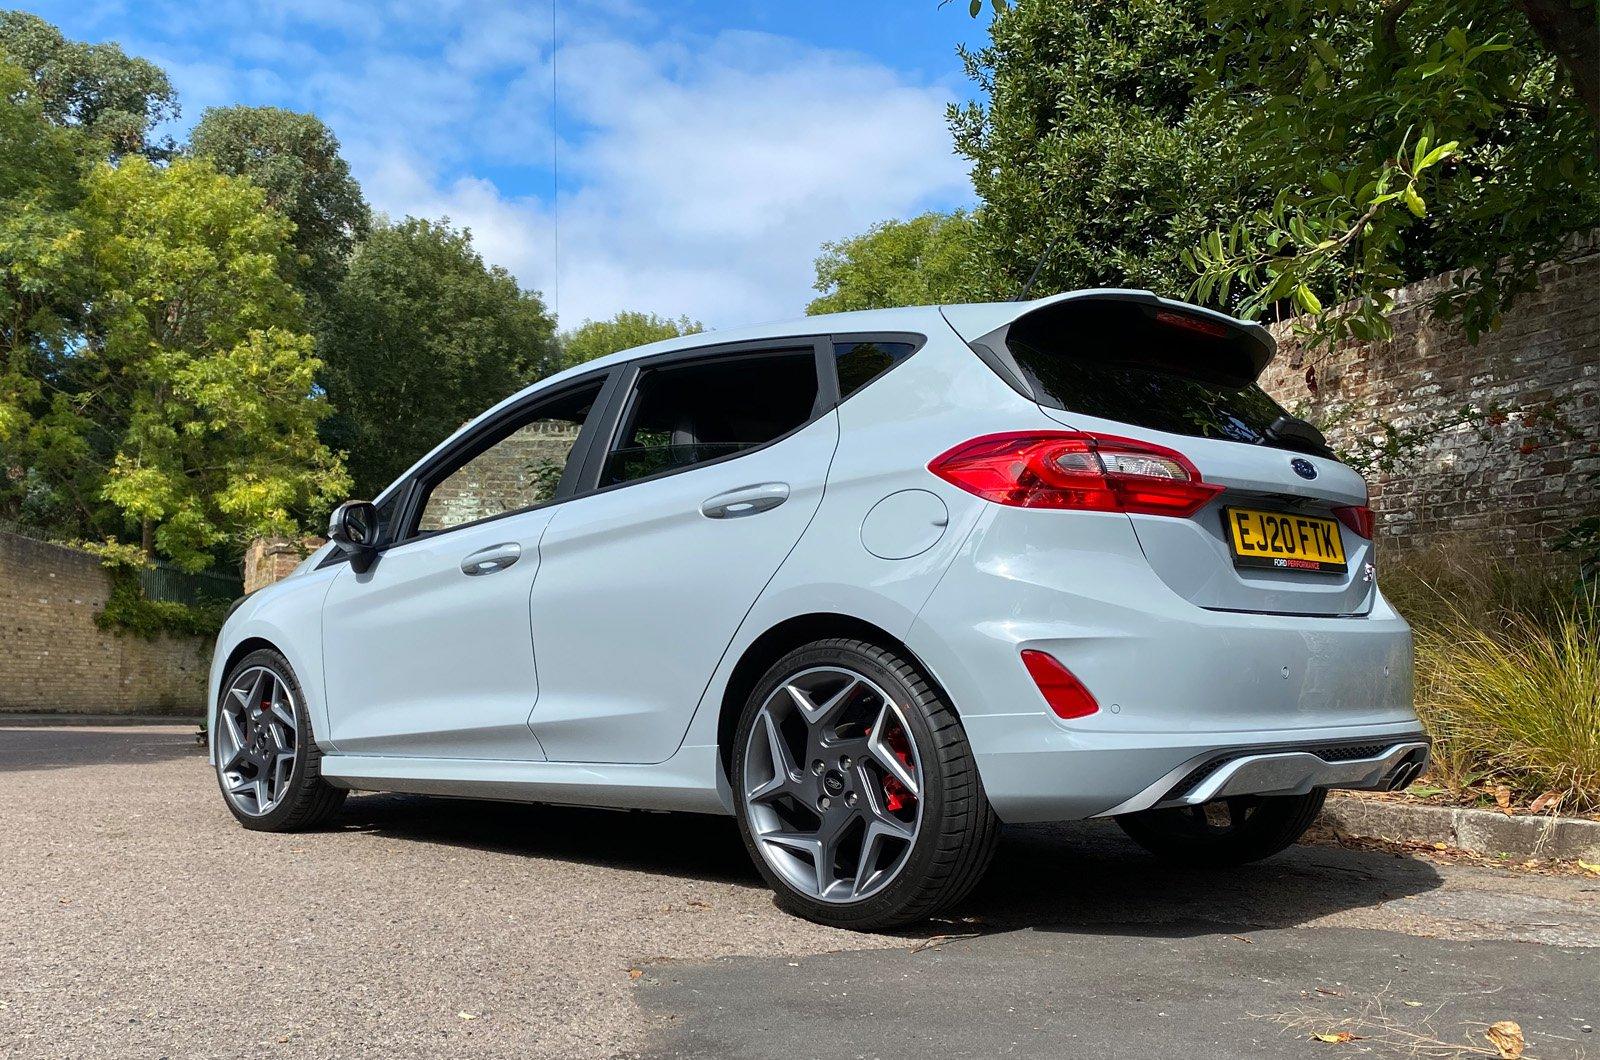 Fiesta ST rear static long-term